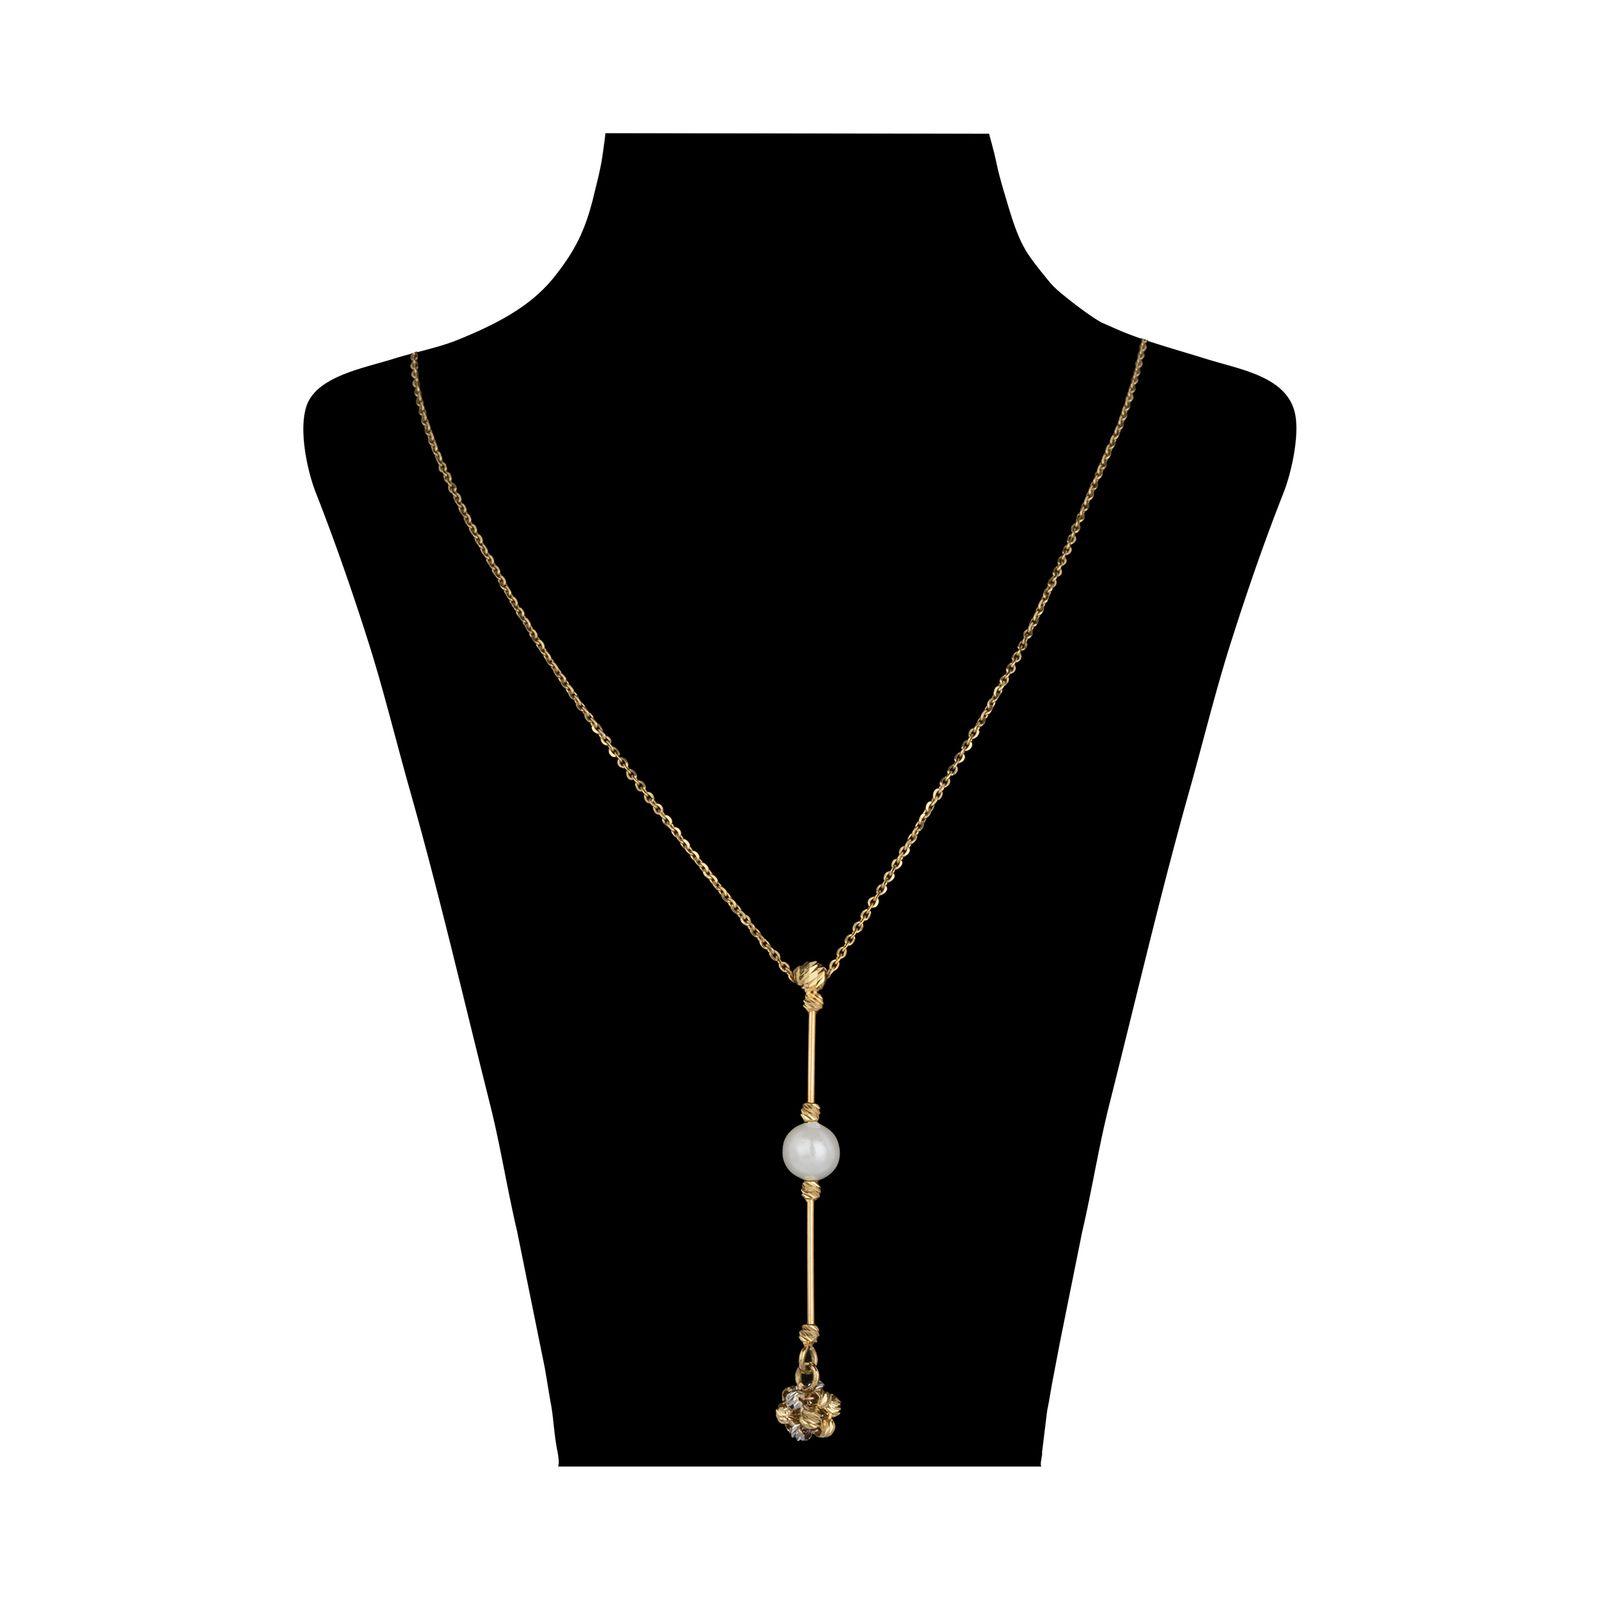 گردنبند طلا 18 عیار زنانه سیودو مدل 144604 -  - 2